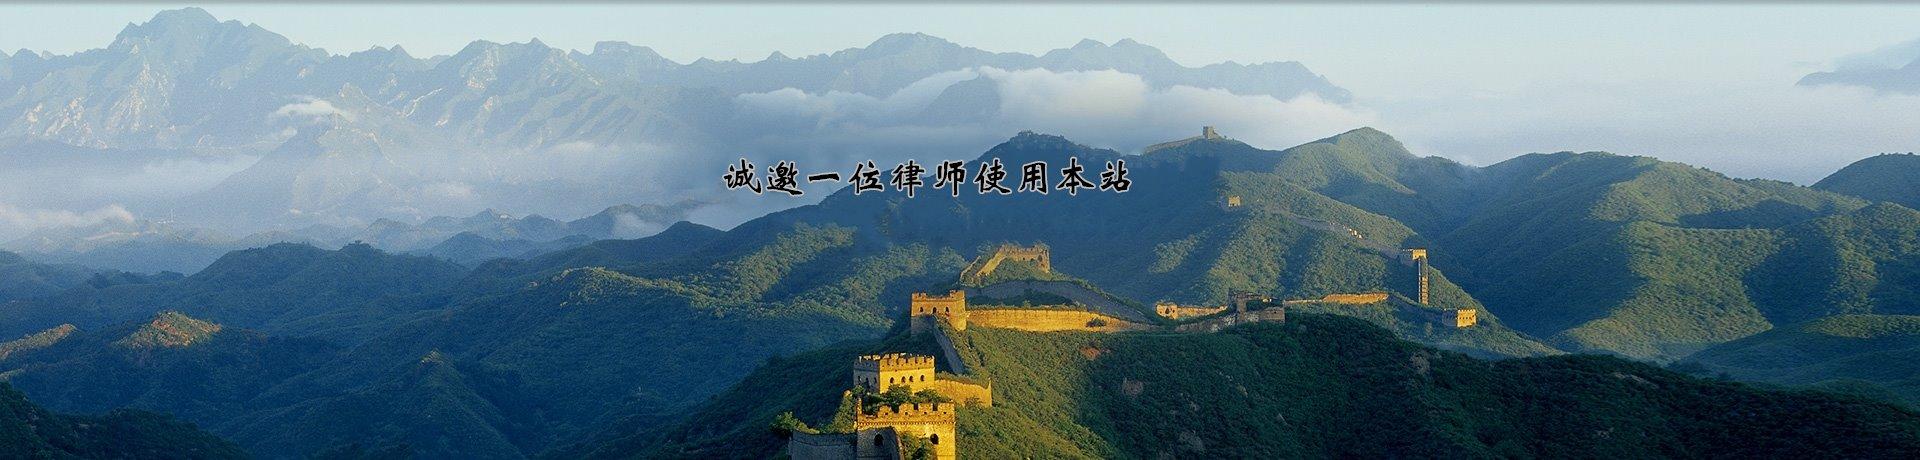 上海毒品律师大图二